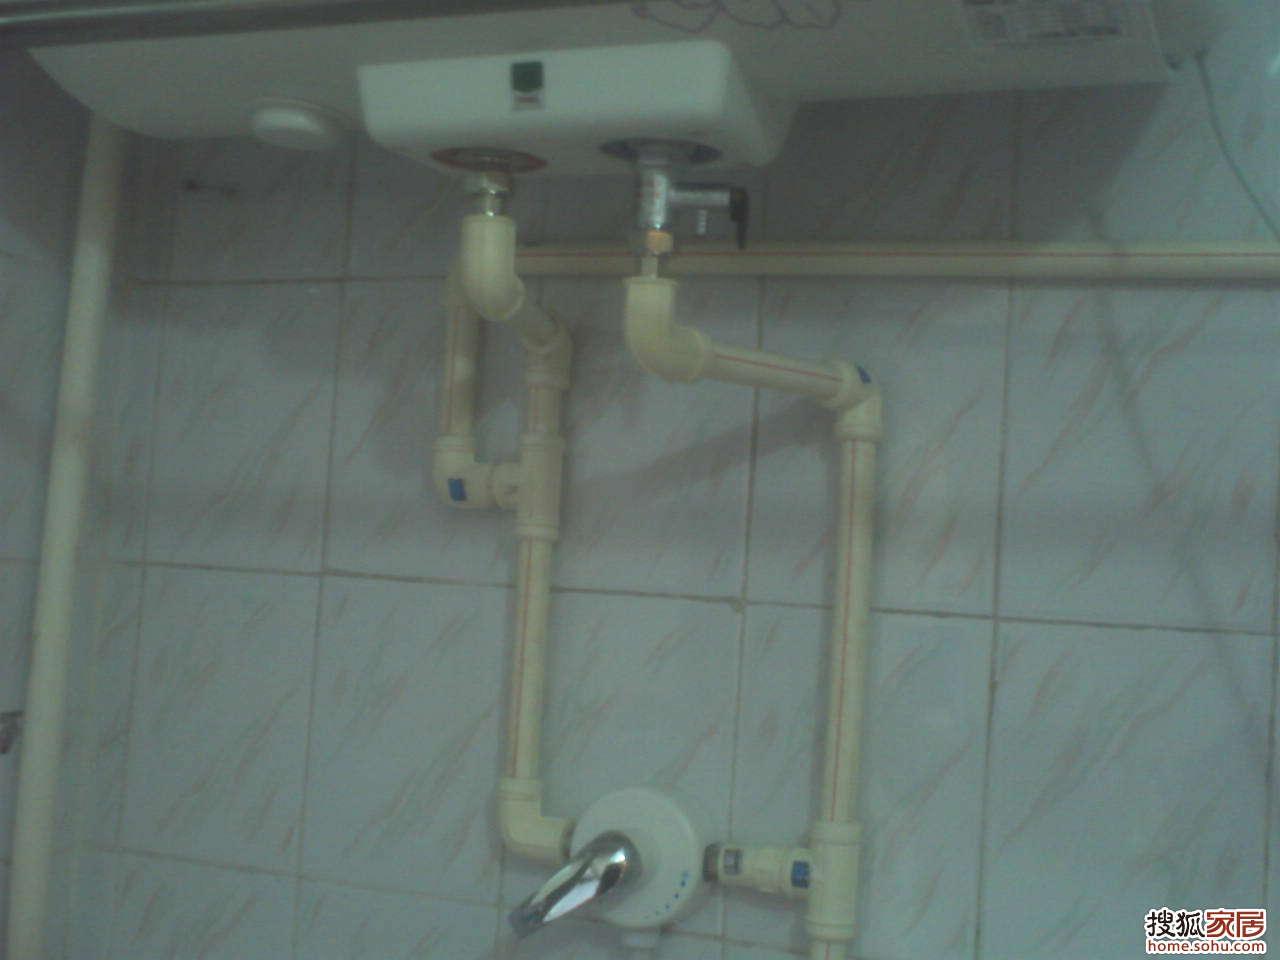 海尔热水器是段电洗不用地线也可以 我就是一位海尔售后安装-海尔